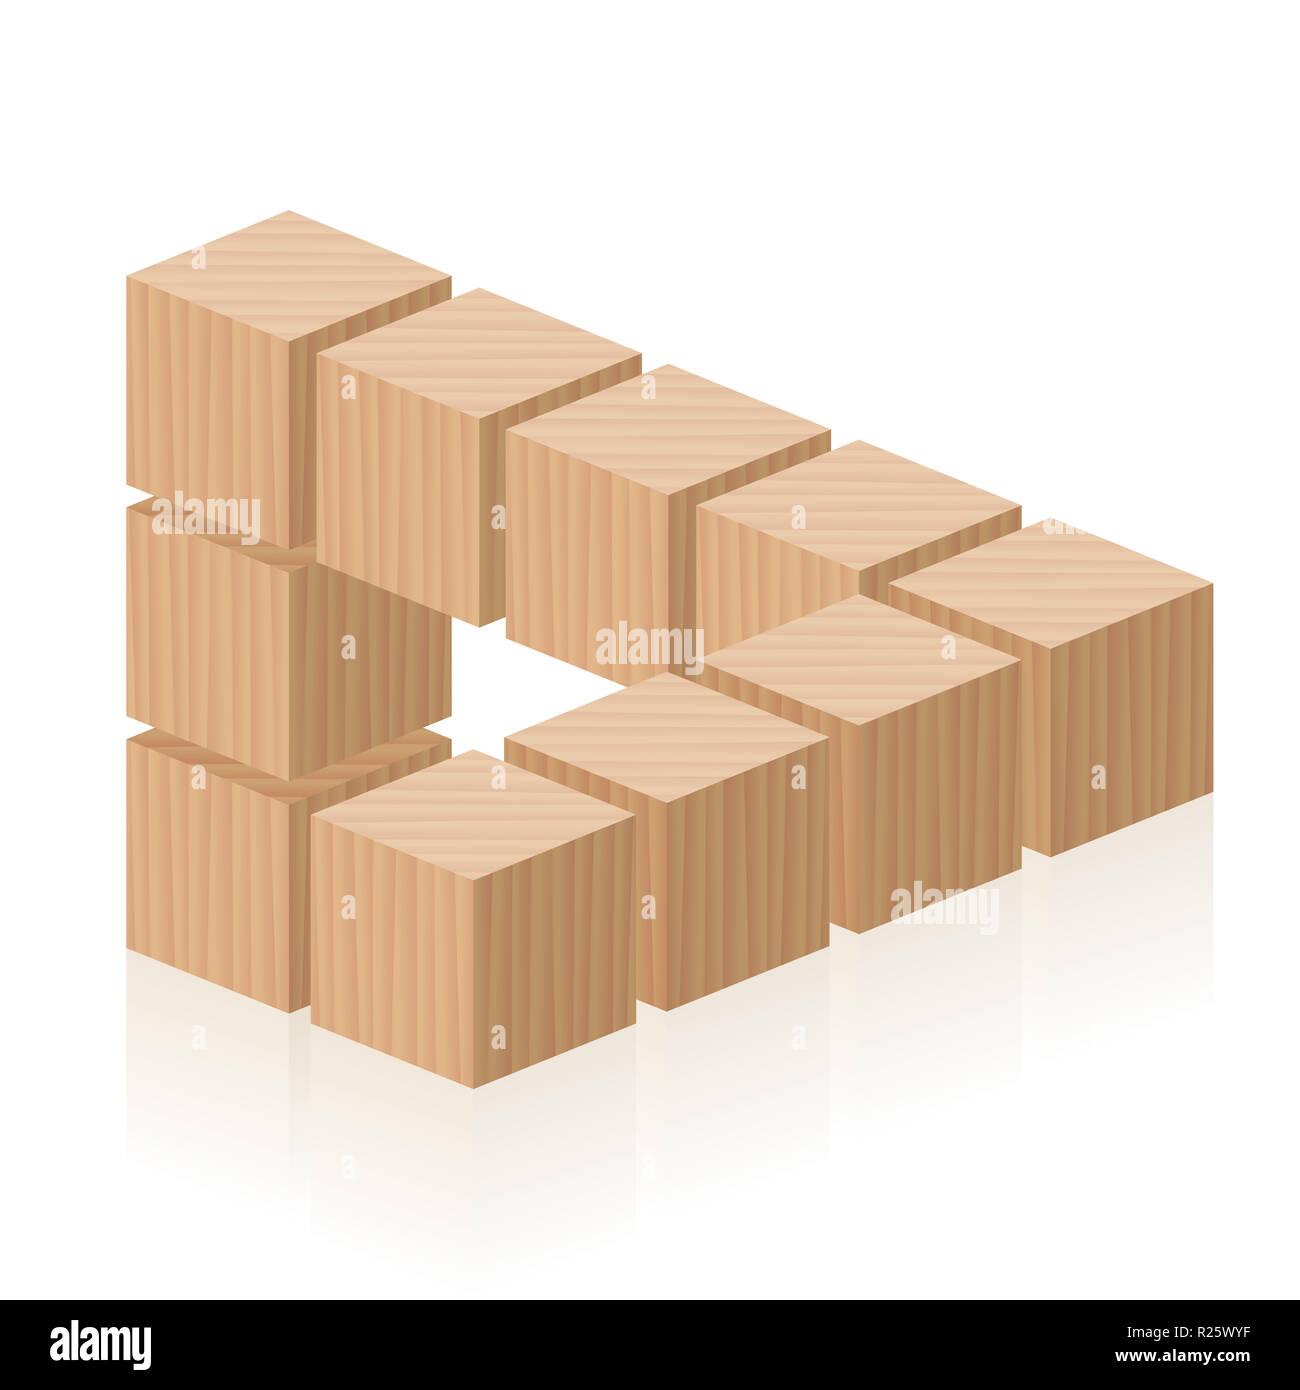 Figura imposible. Ilusión óptica con cubos de madera. Imagen De Stock